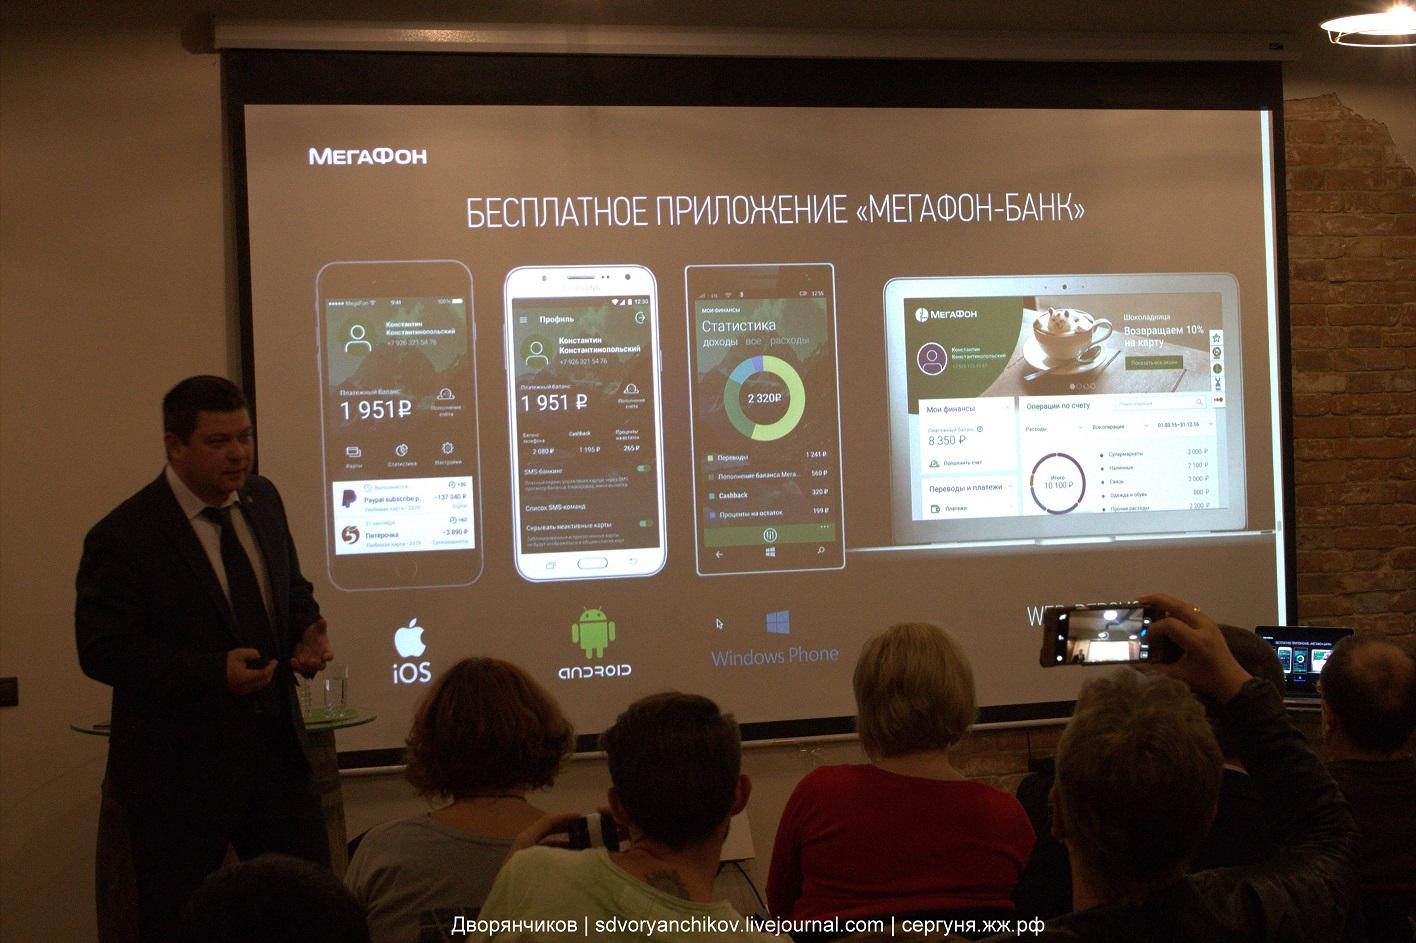 МегаФон - презентация банковской карты - 10 октября 2016 - Волгоград